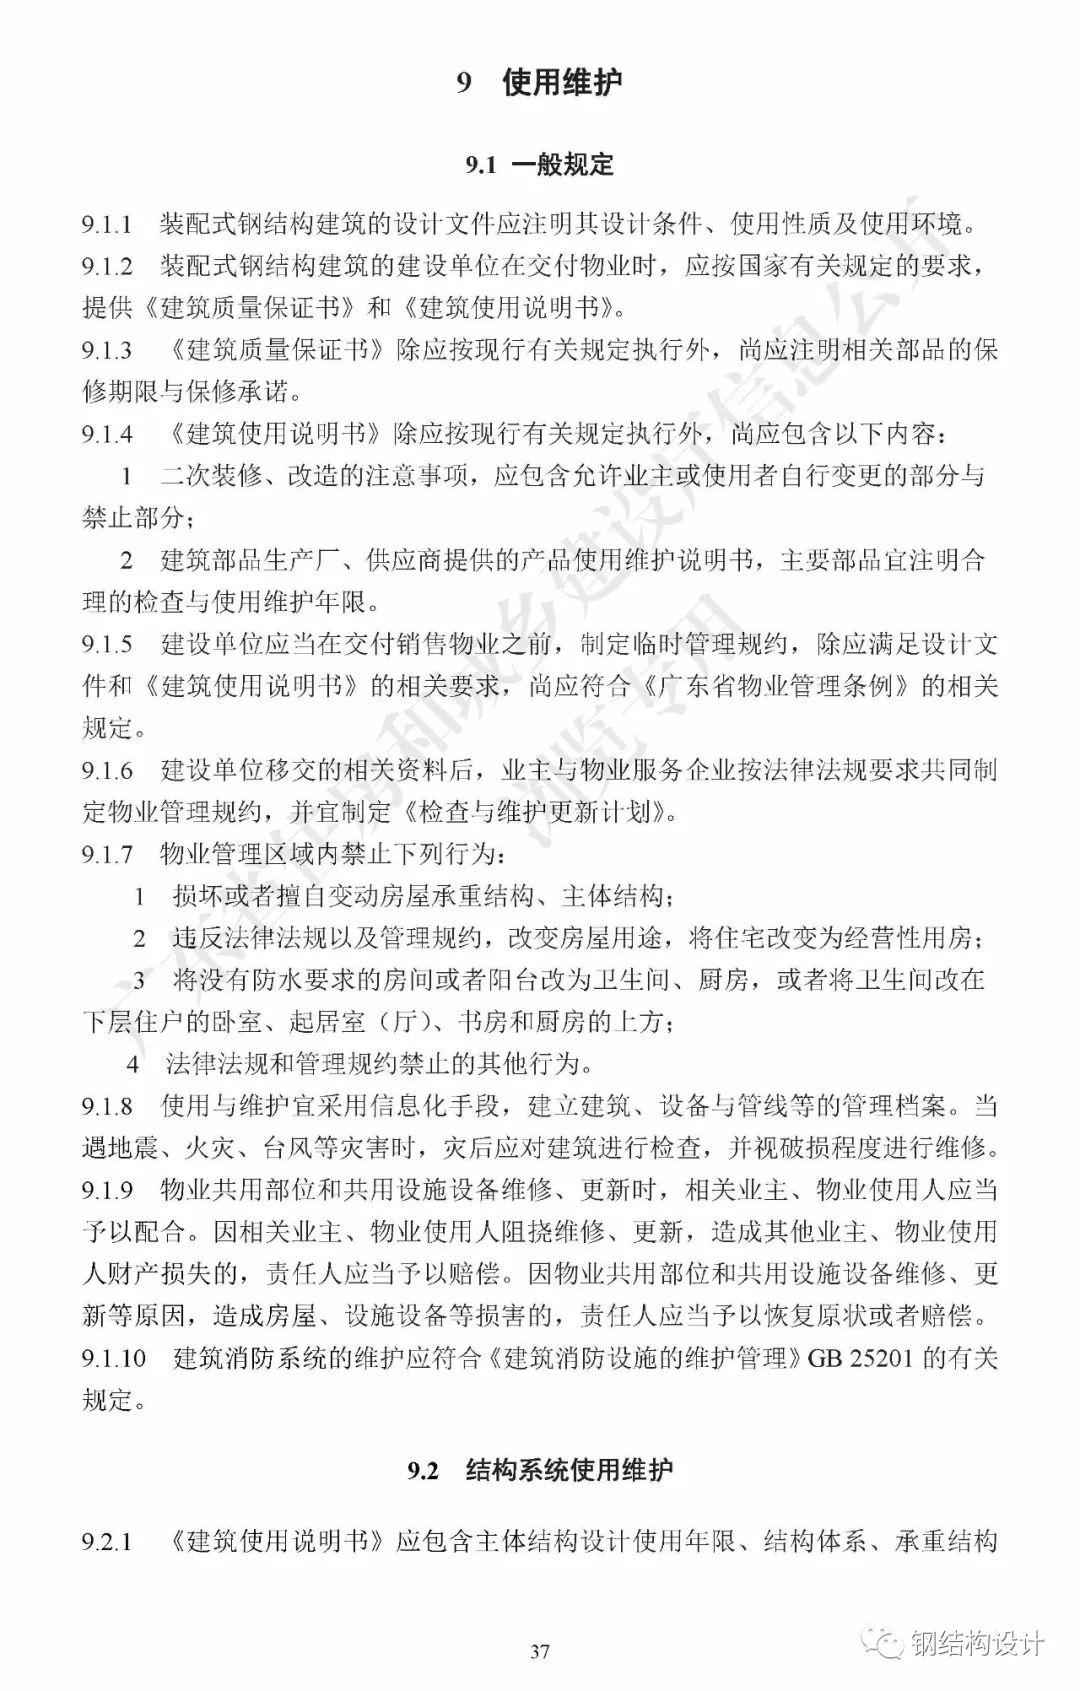 广东省《装配式钢结构建筑技术规程》发布_47